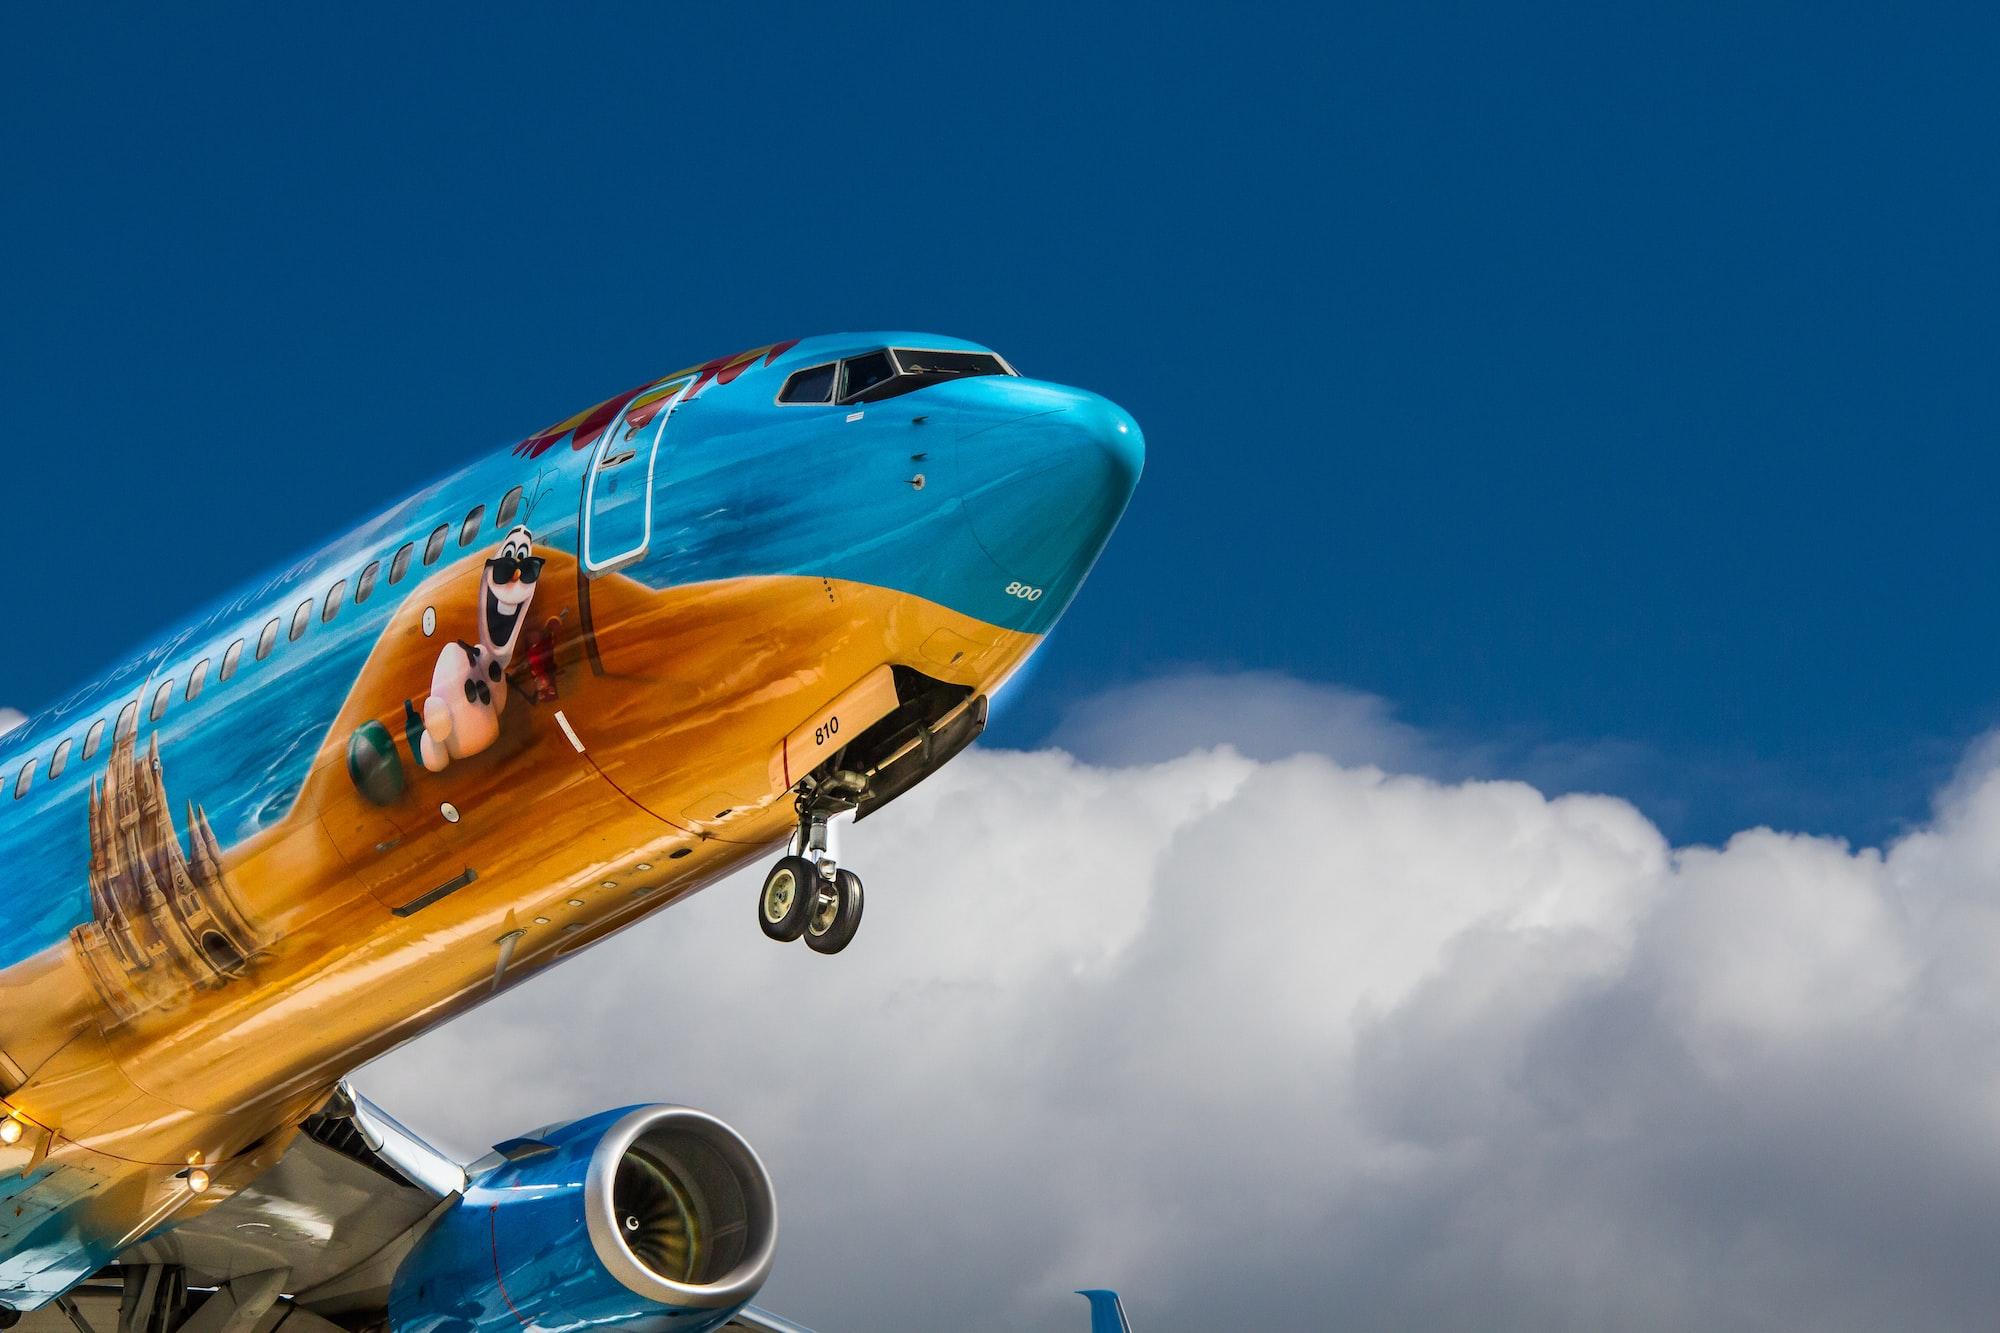 कनाडा ने भारत से आने वाली उड़ानों पर प्रतिबंध 26 सितंबर तक बढ़ाया